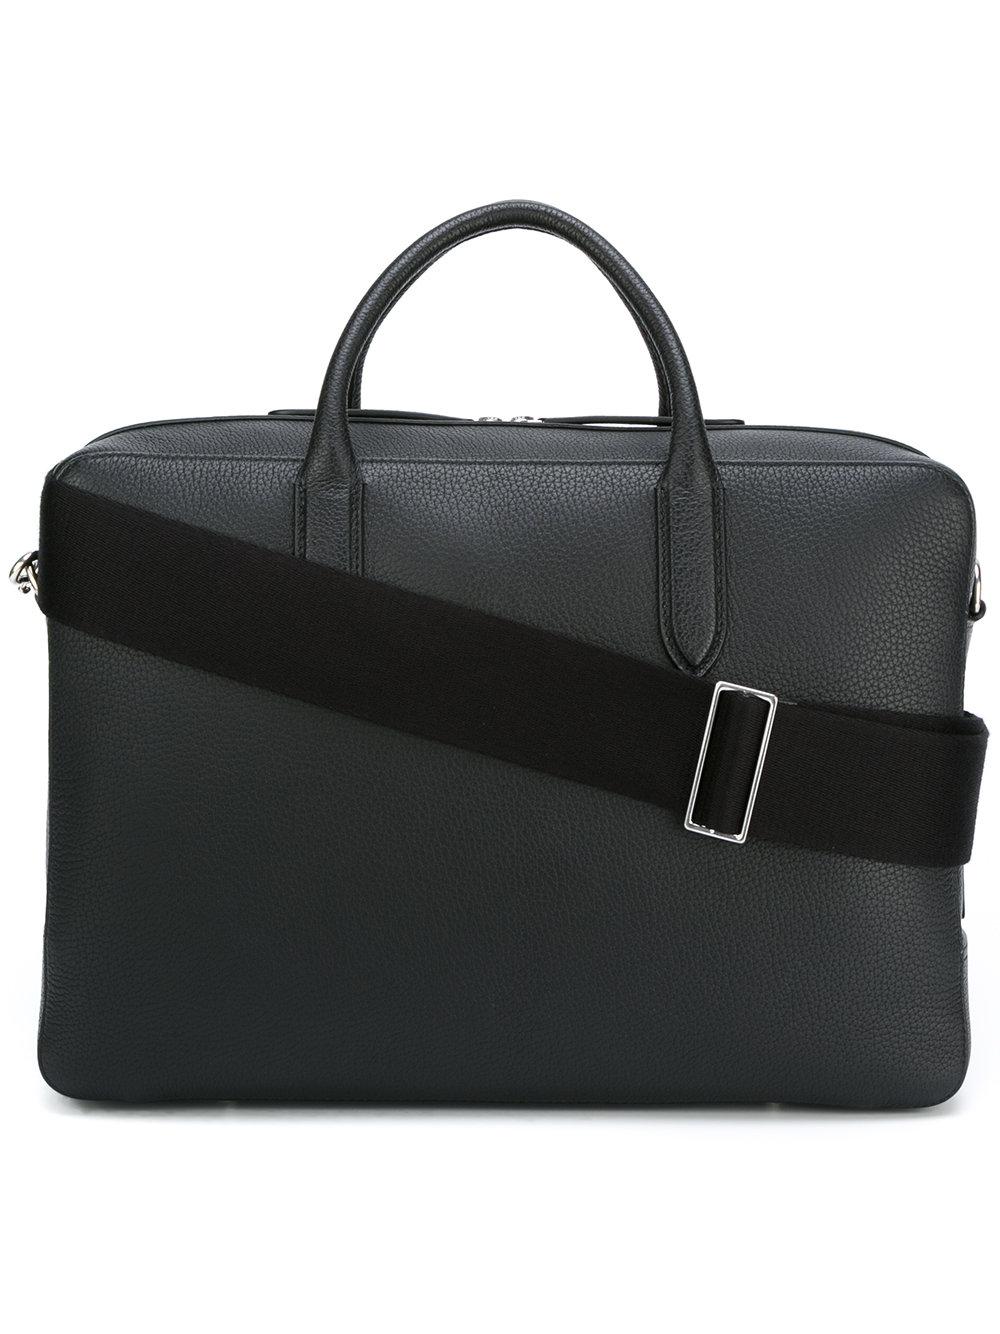 Мъжка чанта Anya Hindmarch; 1500лв.